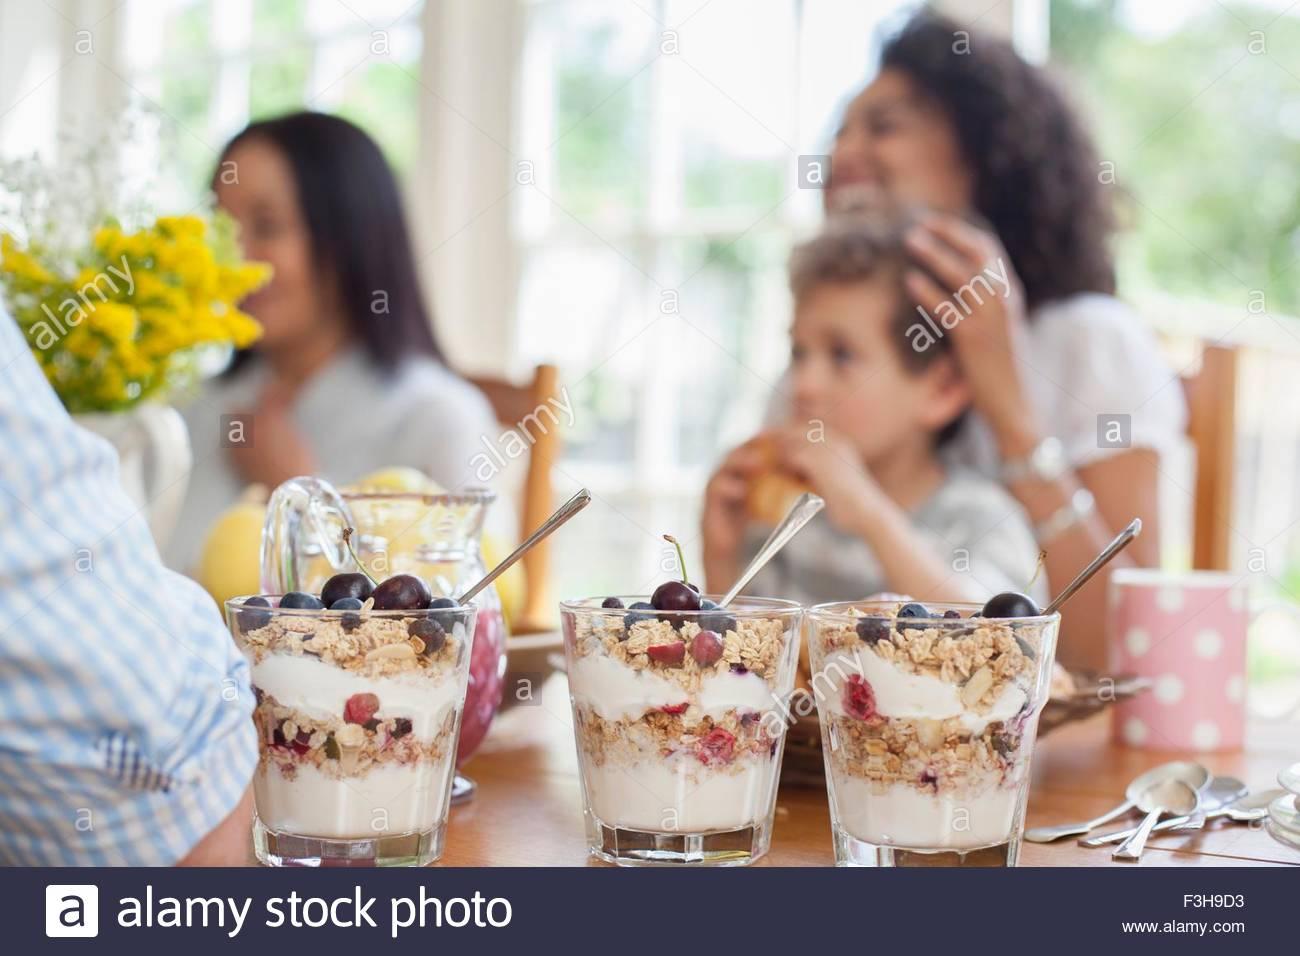 Familie genießen Mahlzeit zusammen, Fokus auf Desserts im Vordergrund Stockbild